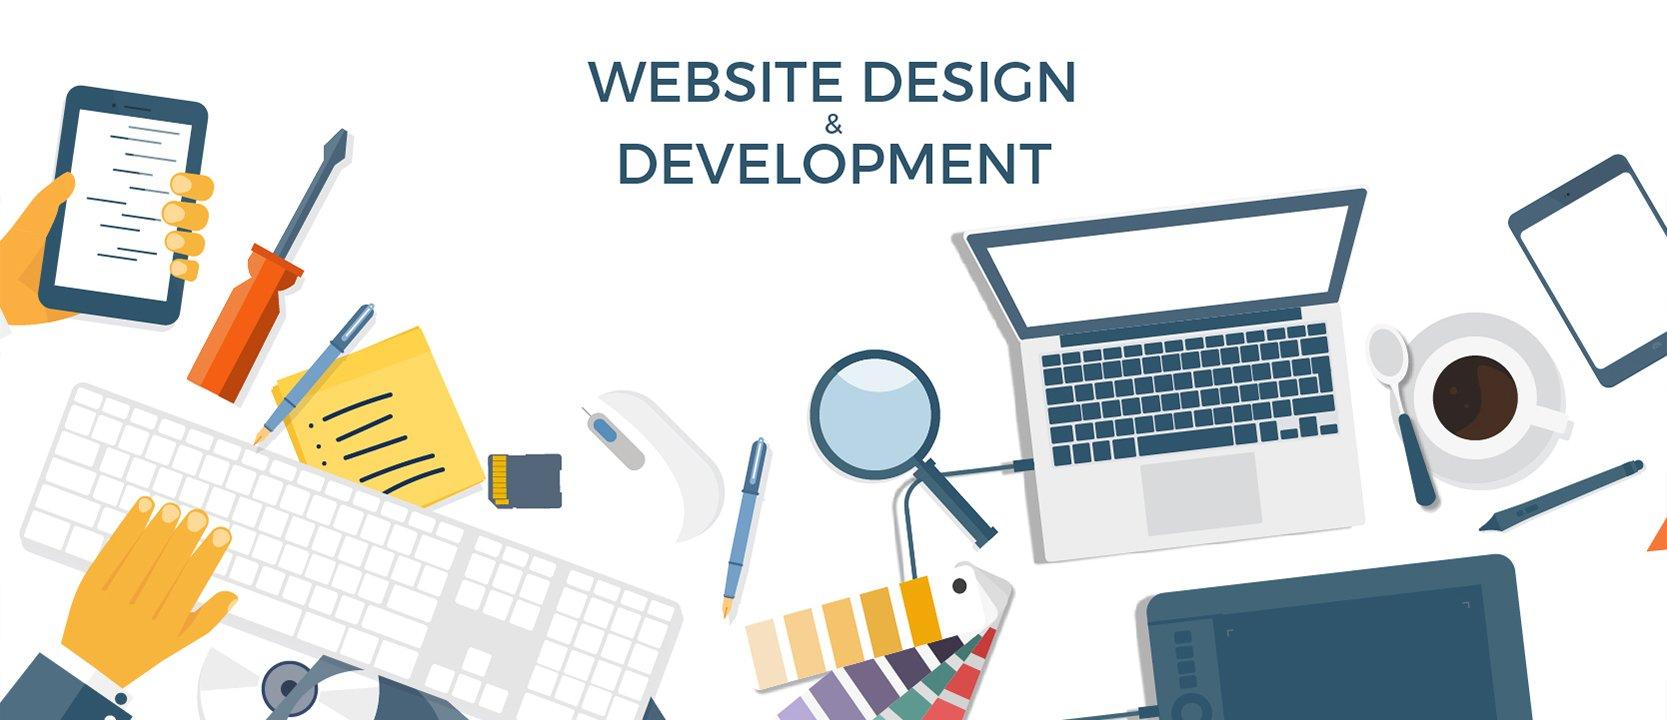 افضل شركة لتصميم وبرمجة مواقع الإعلانات المبوبة 1 CodeShip